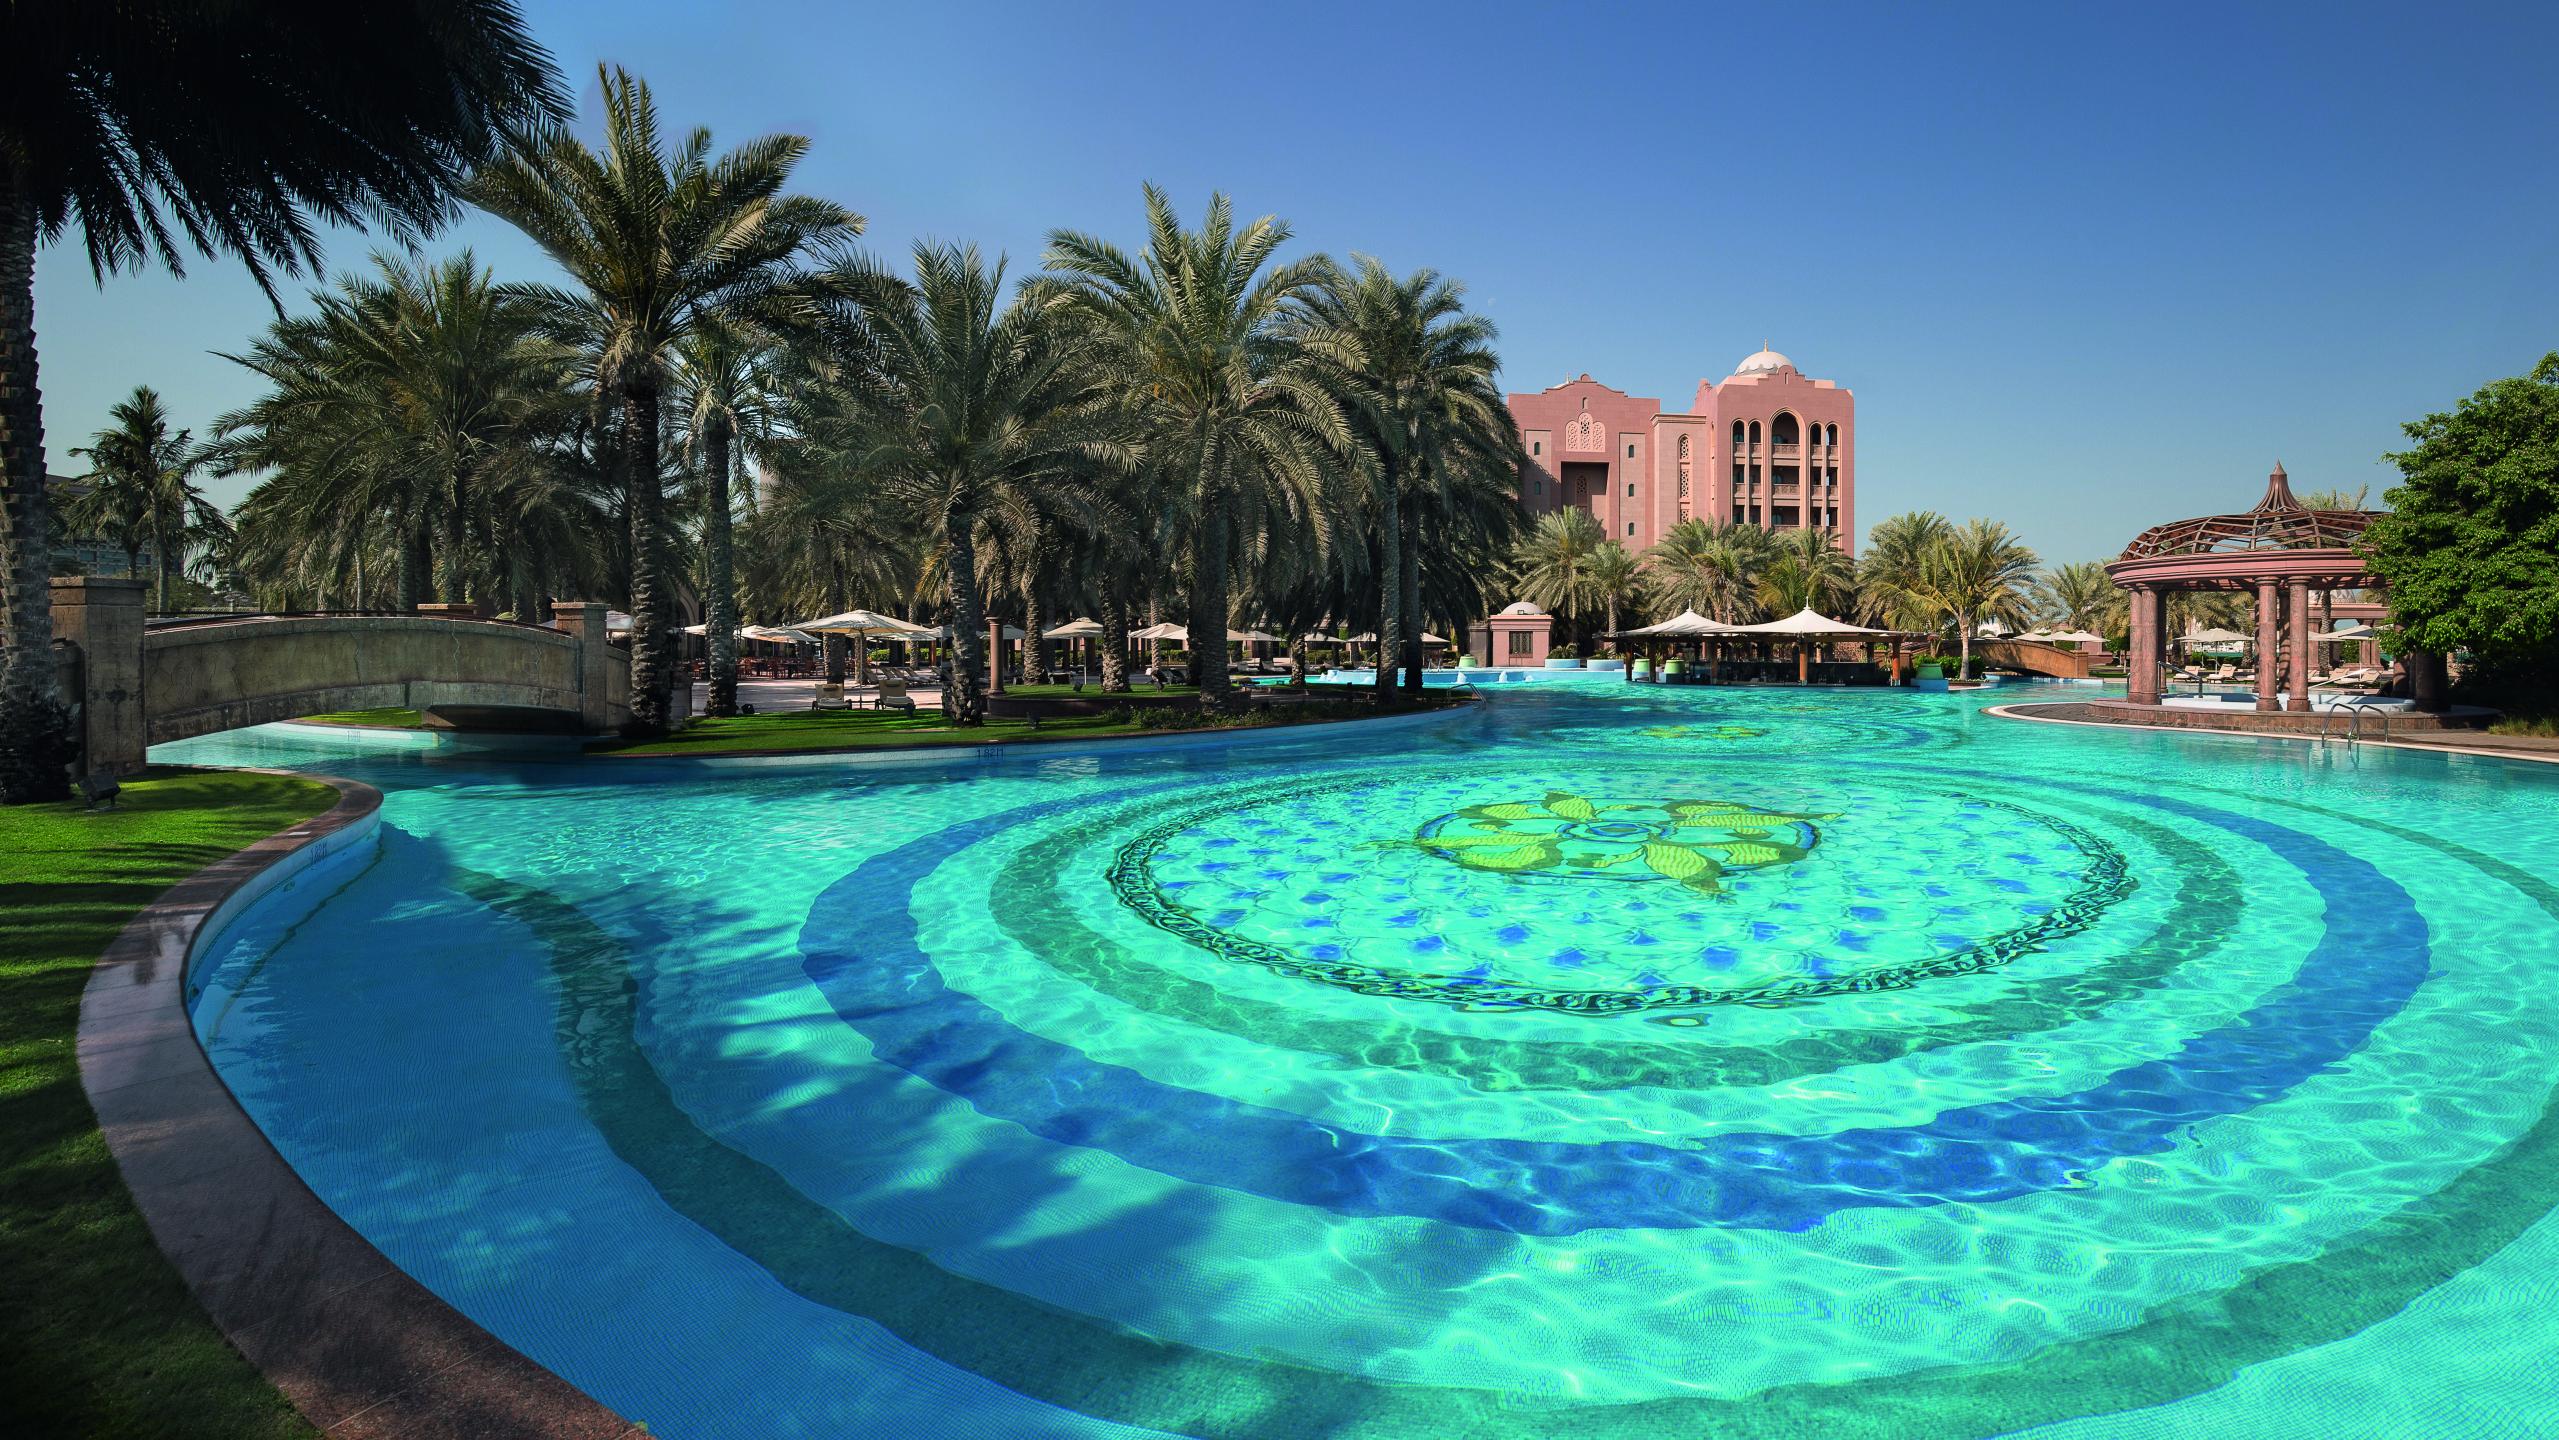 Cascades Adventure Pool Emirates Palace Abu Dhabi